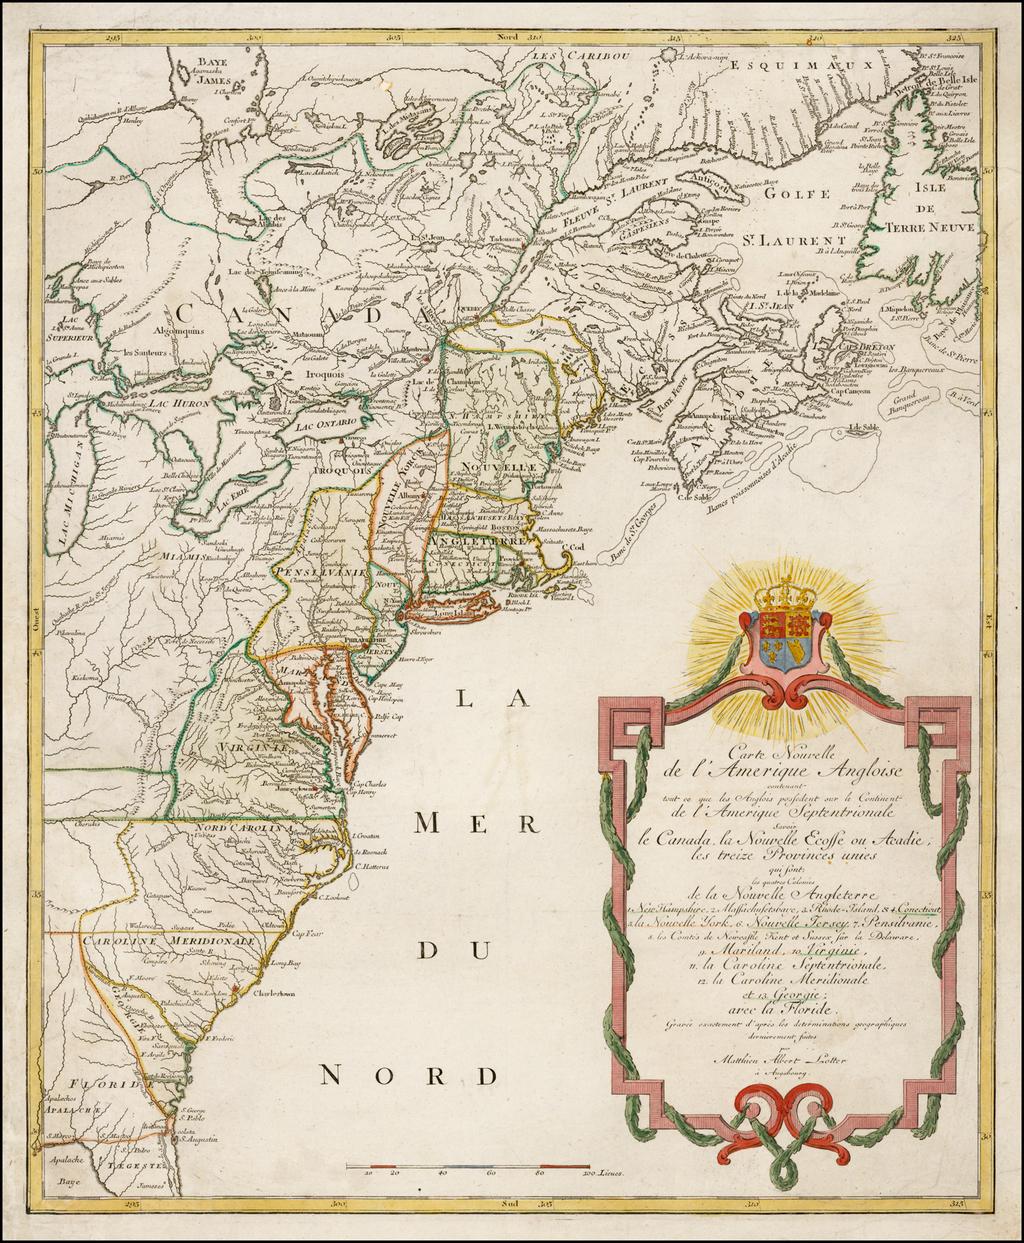 Anglois carte nouvelle de l'amerique angloise contenant tout ce que